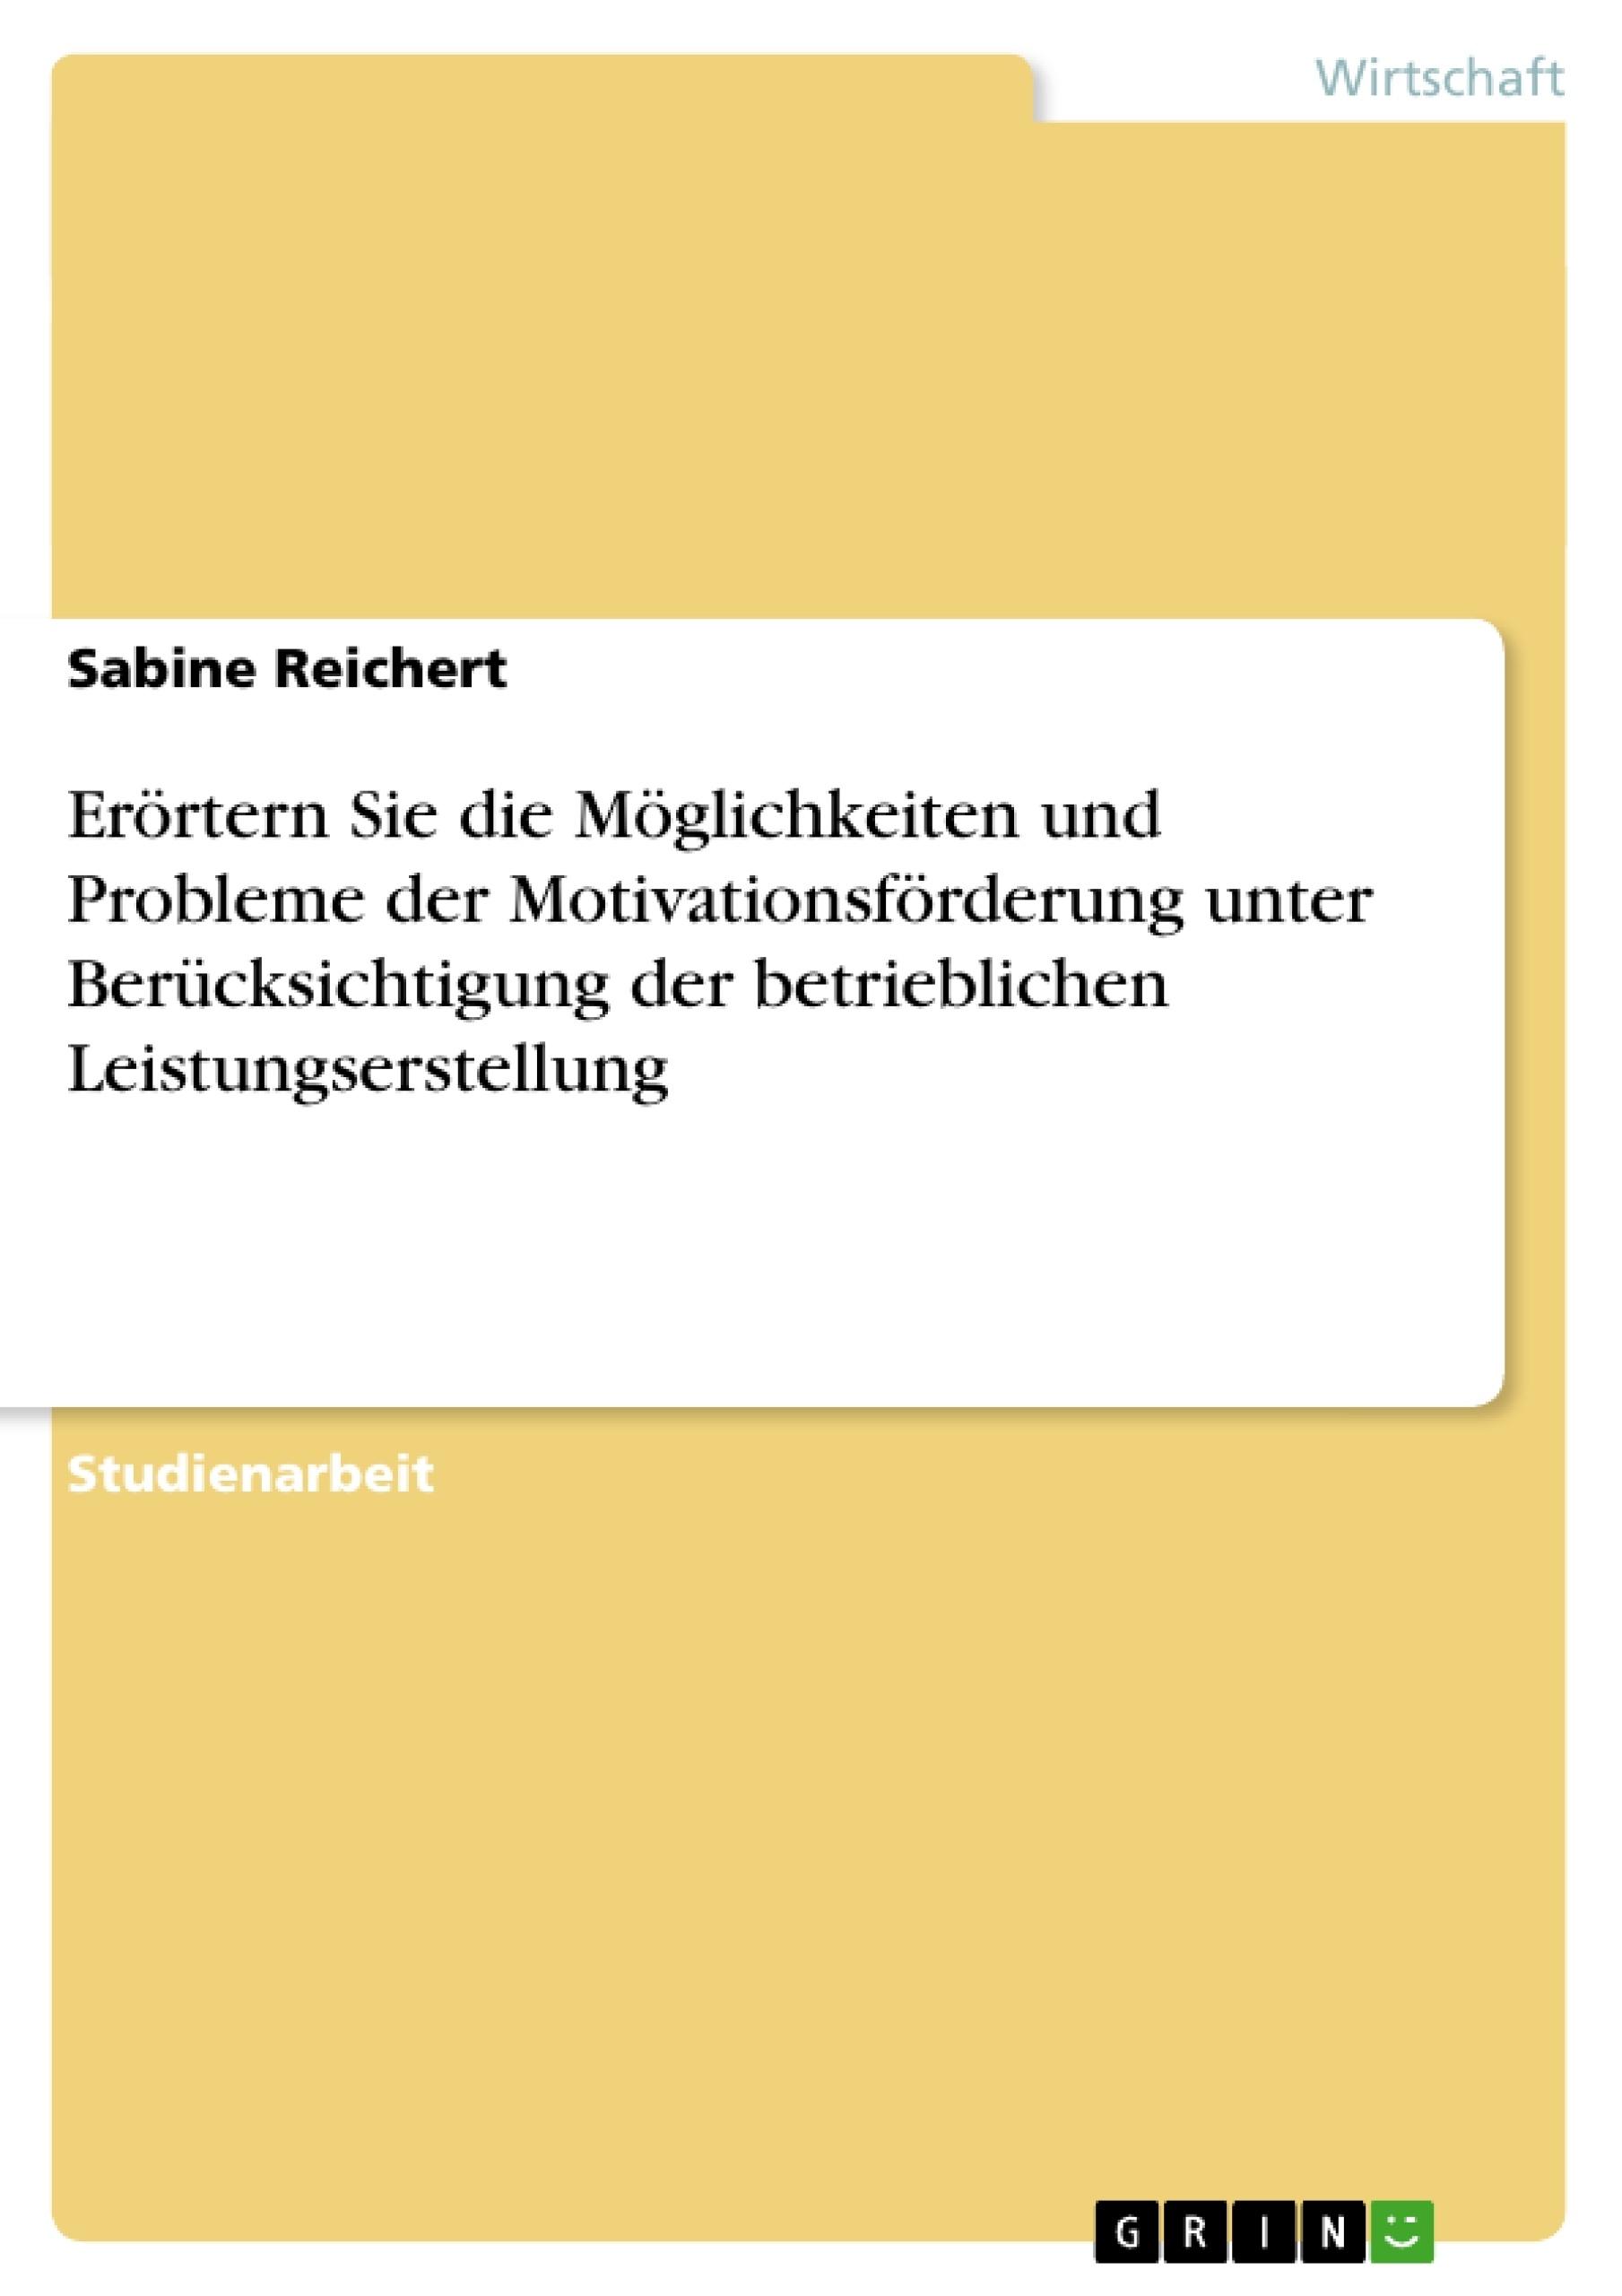 Titel: Erörtern Sie die Möglichkeiten und Probleme der Motivationsförderung unter Berücksichtigung der betrieblichen Leistungserstellung